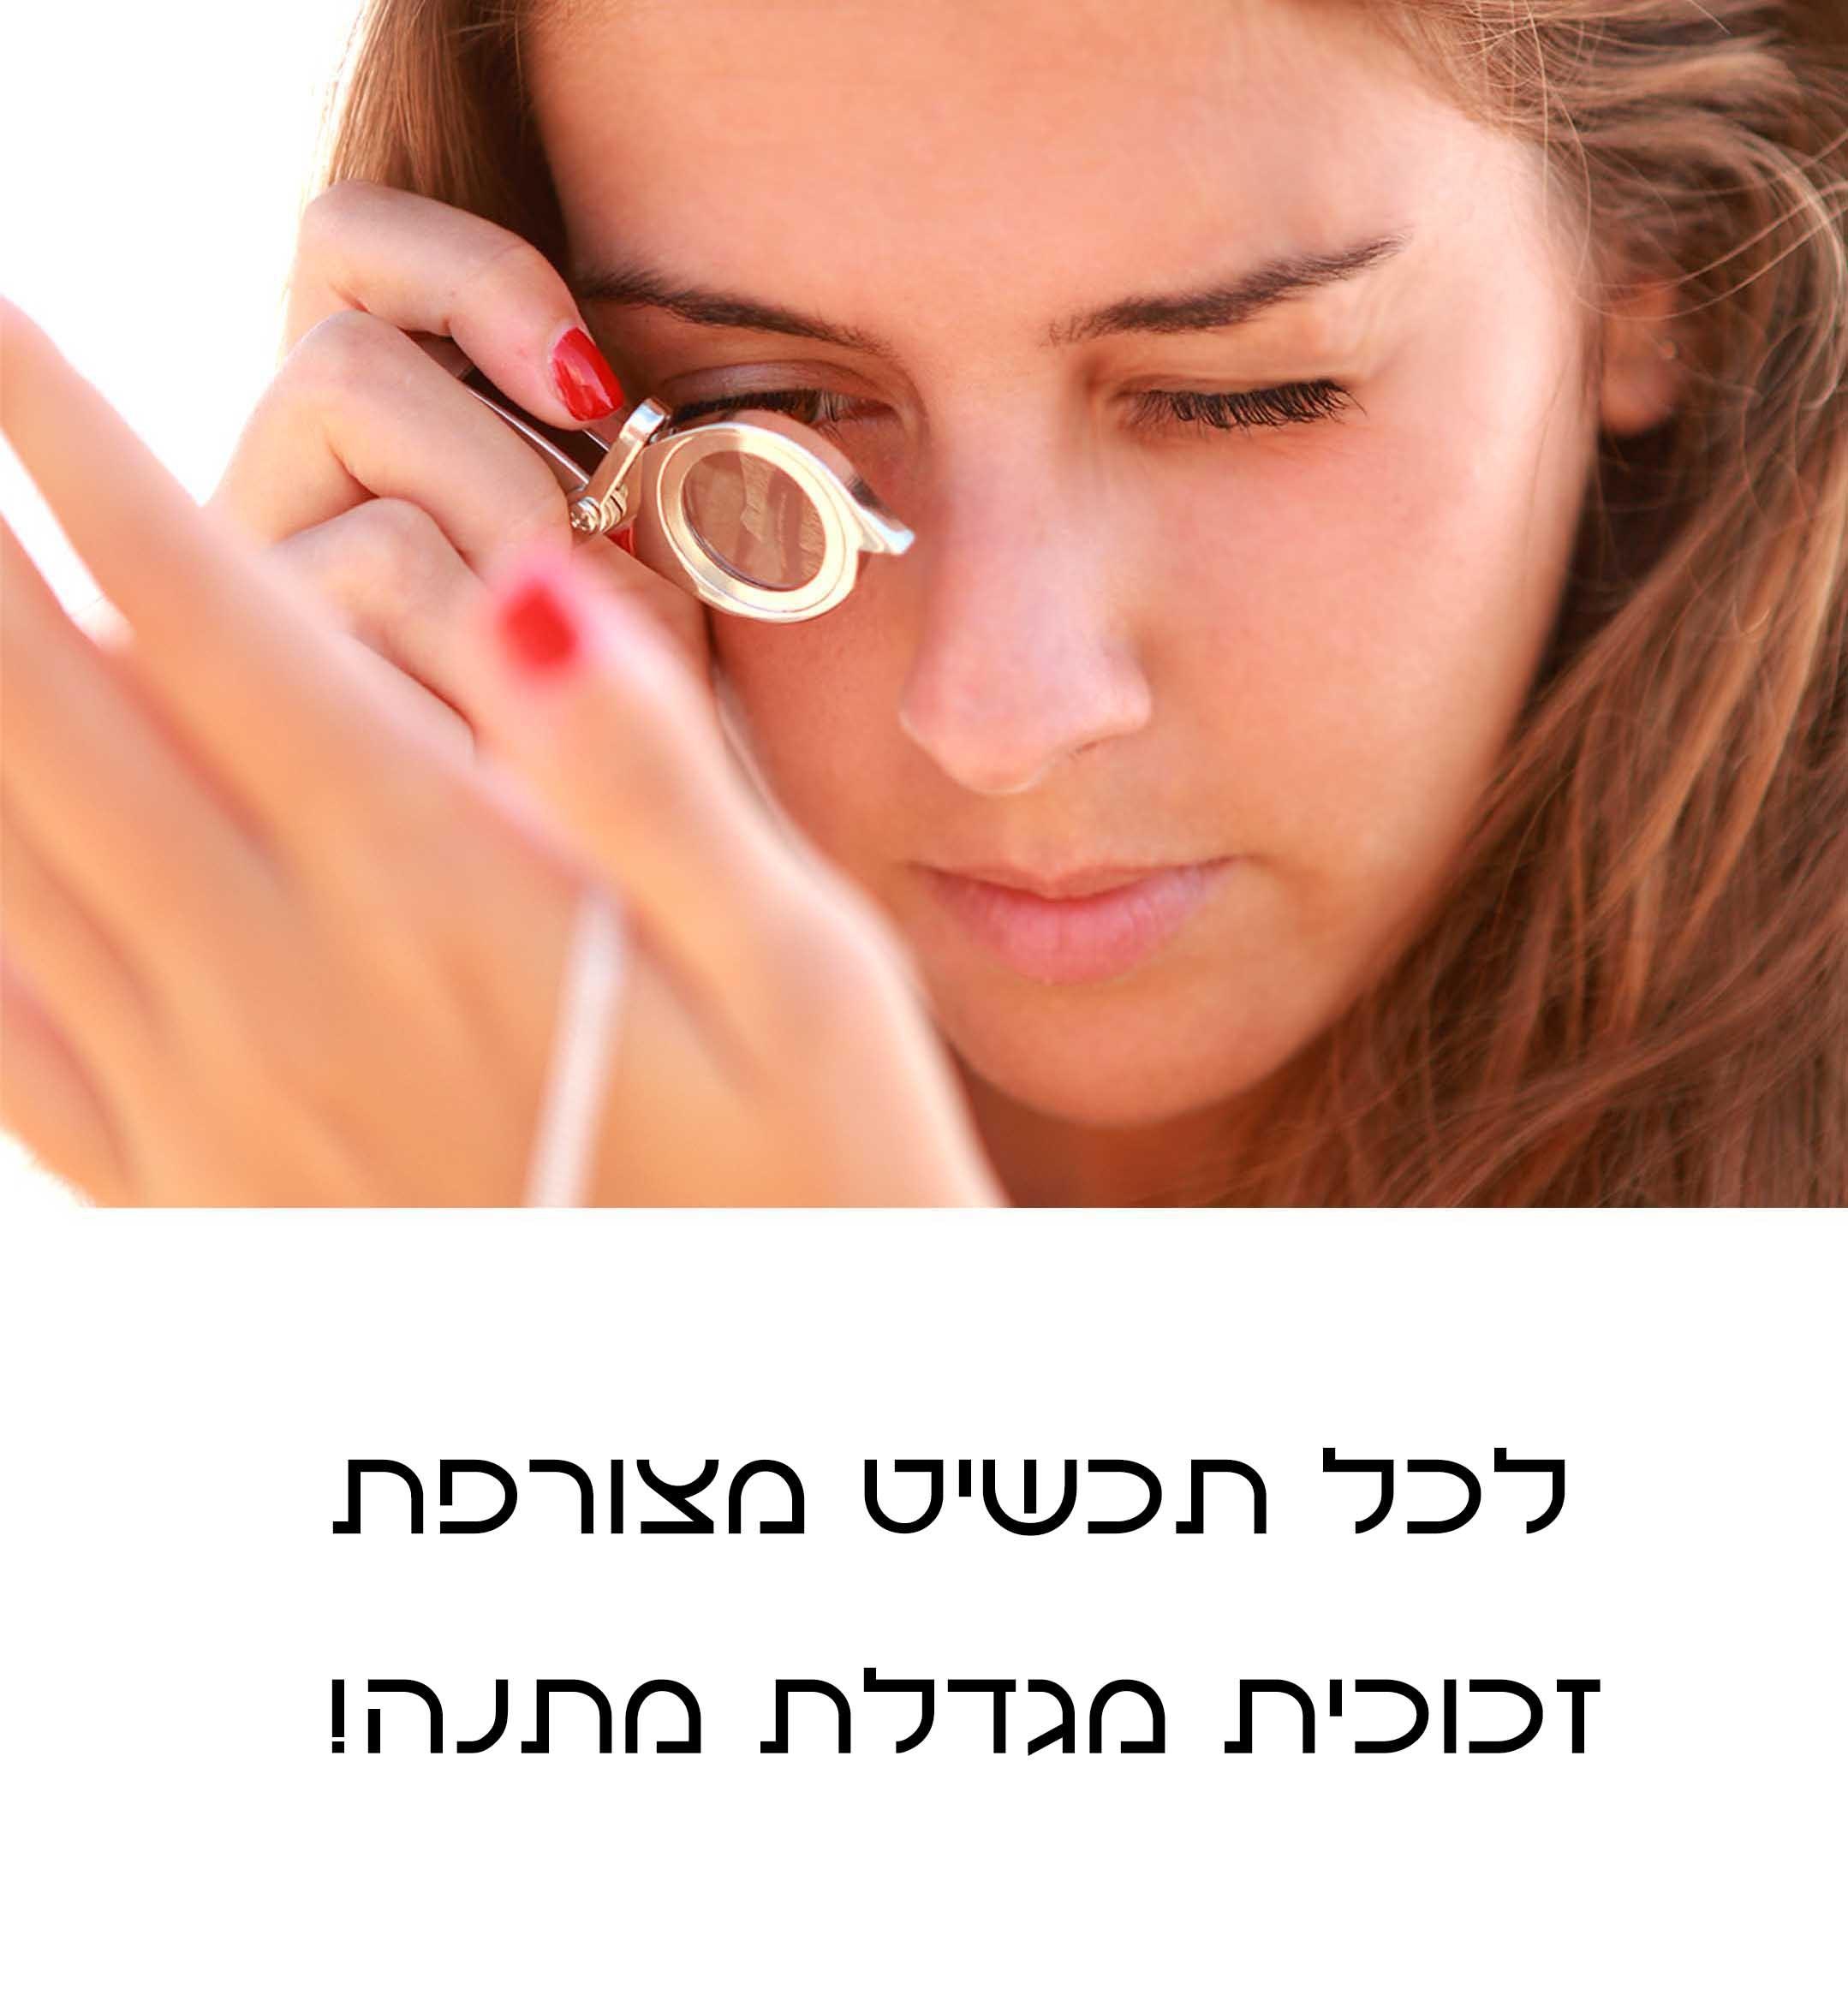 מתנות לחינה -תכשיטים מקוריים - אושר, בריאות, אהבה, שפע – נאנו תכשיטיםמתנות לחינה -תכשיטים מקוריים - אושר, בריאות, אהבה, שפע – נאנו תכשיטים